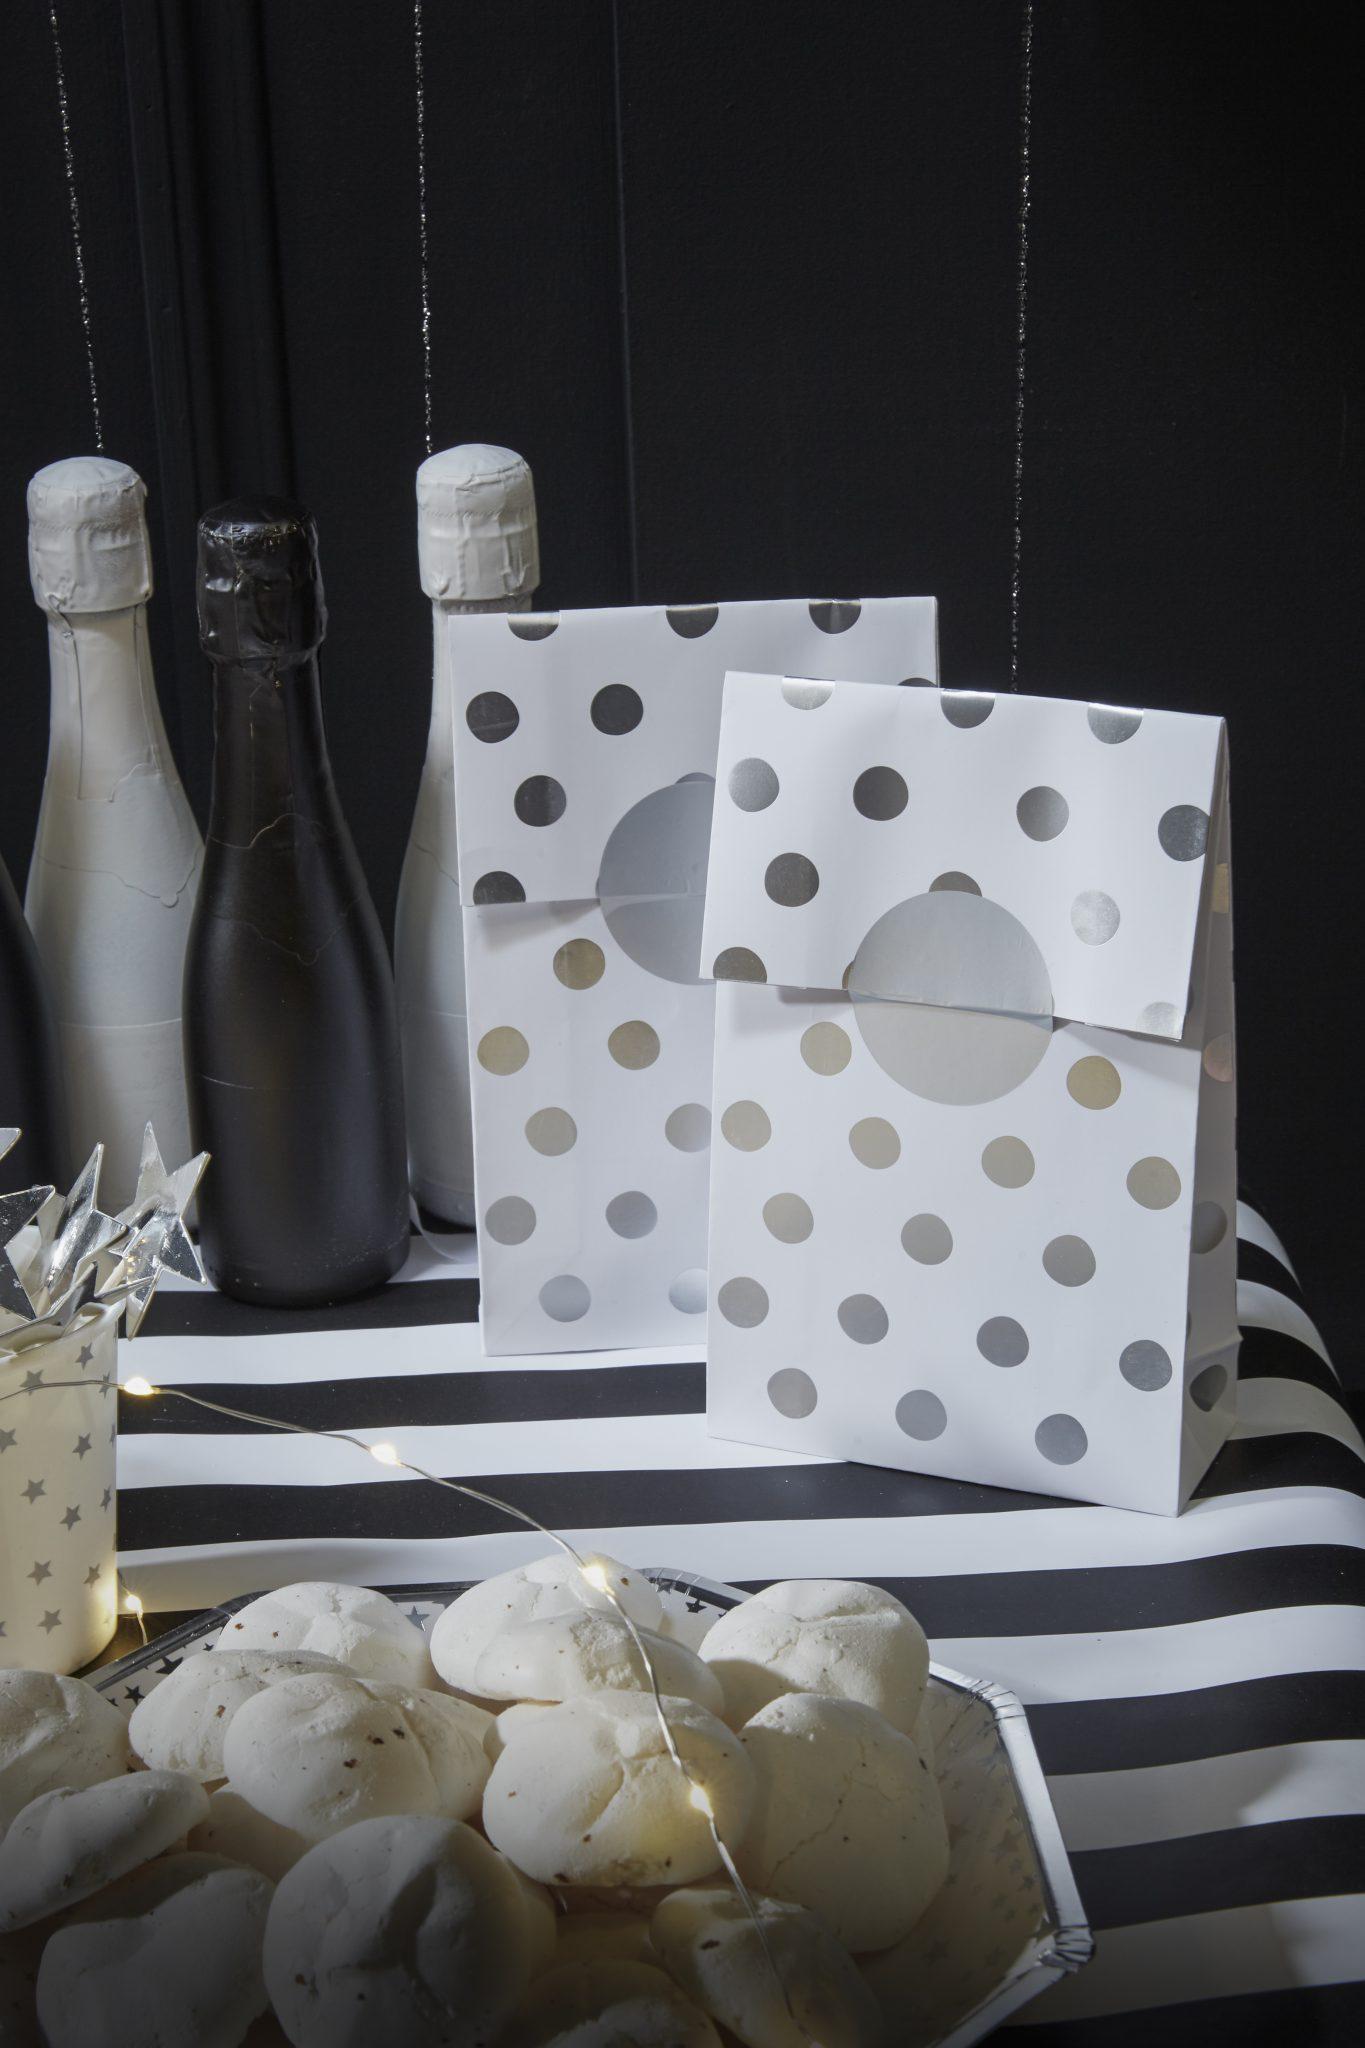 pochettes cadeaux sac nouvel an réveillon argent noir blanc cadeaux bonne année réveillon 31 décembre